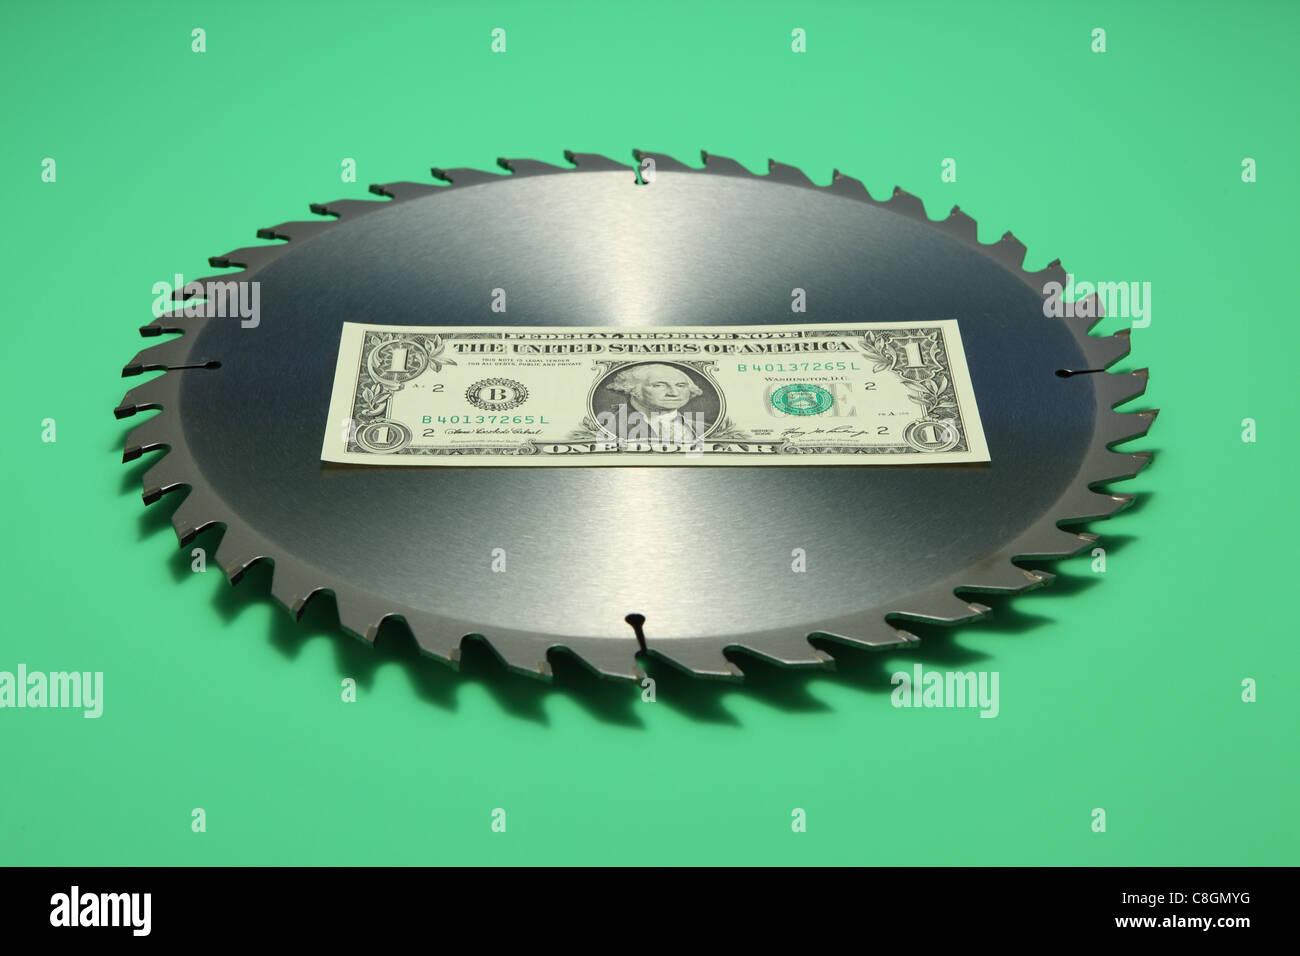 Einem US-Dollar-Banknote in der Mitte ein Metall Rundschreiben Sägeblatt. Hellen grünen Hintergrund Banknote Stockbild